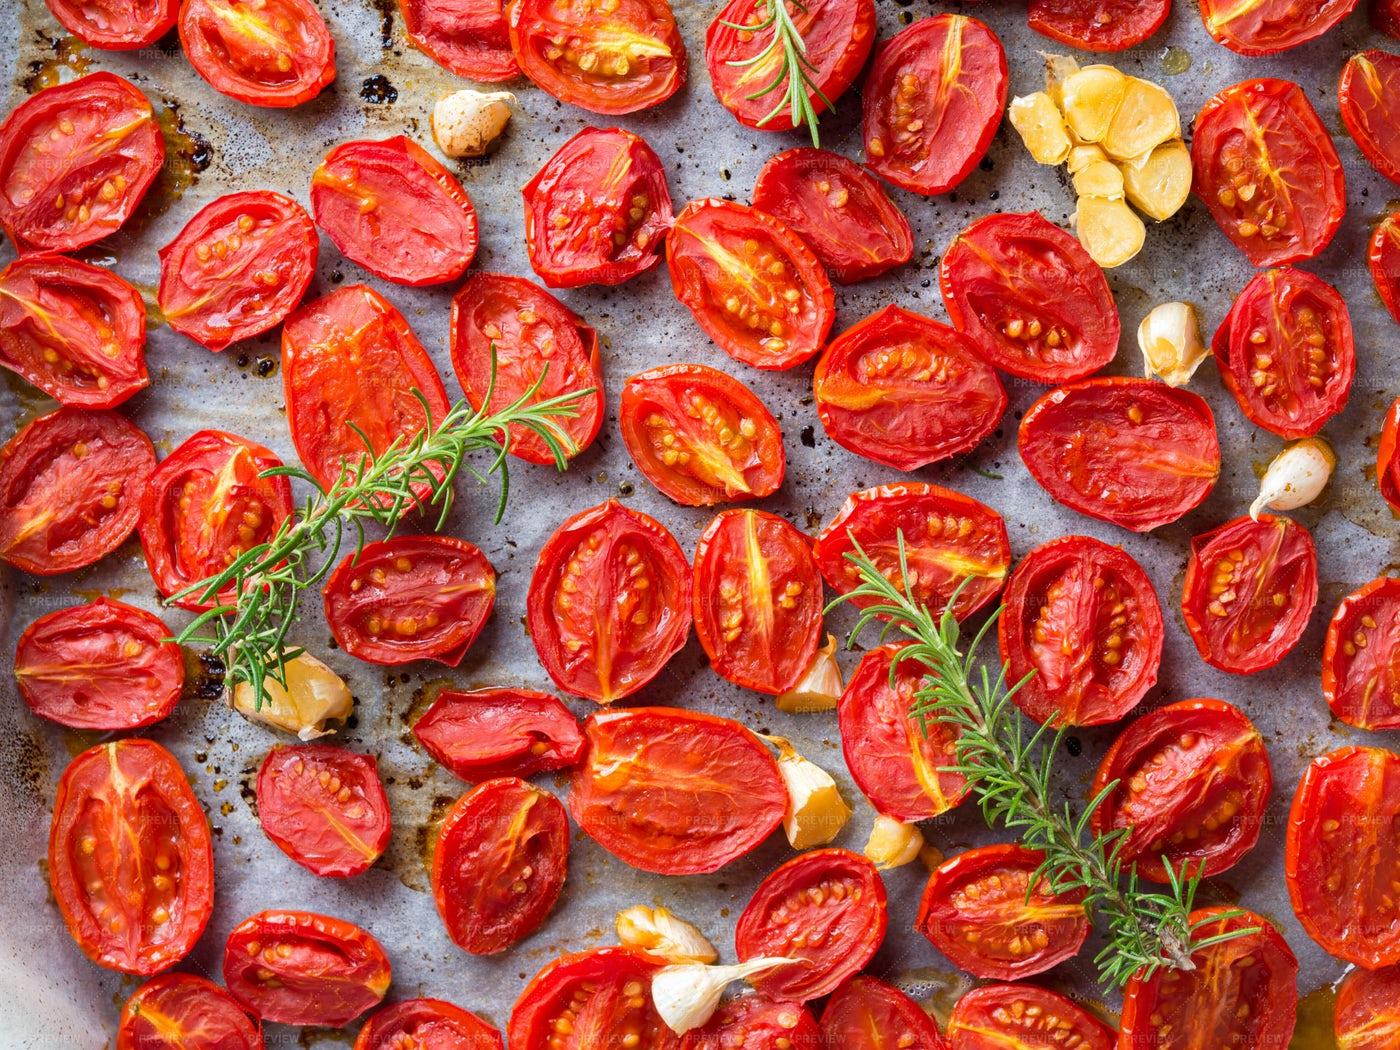 Many Backed Tomatoes: Stock Photos